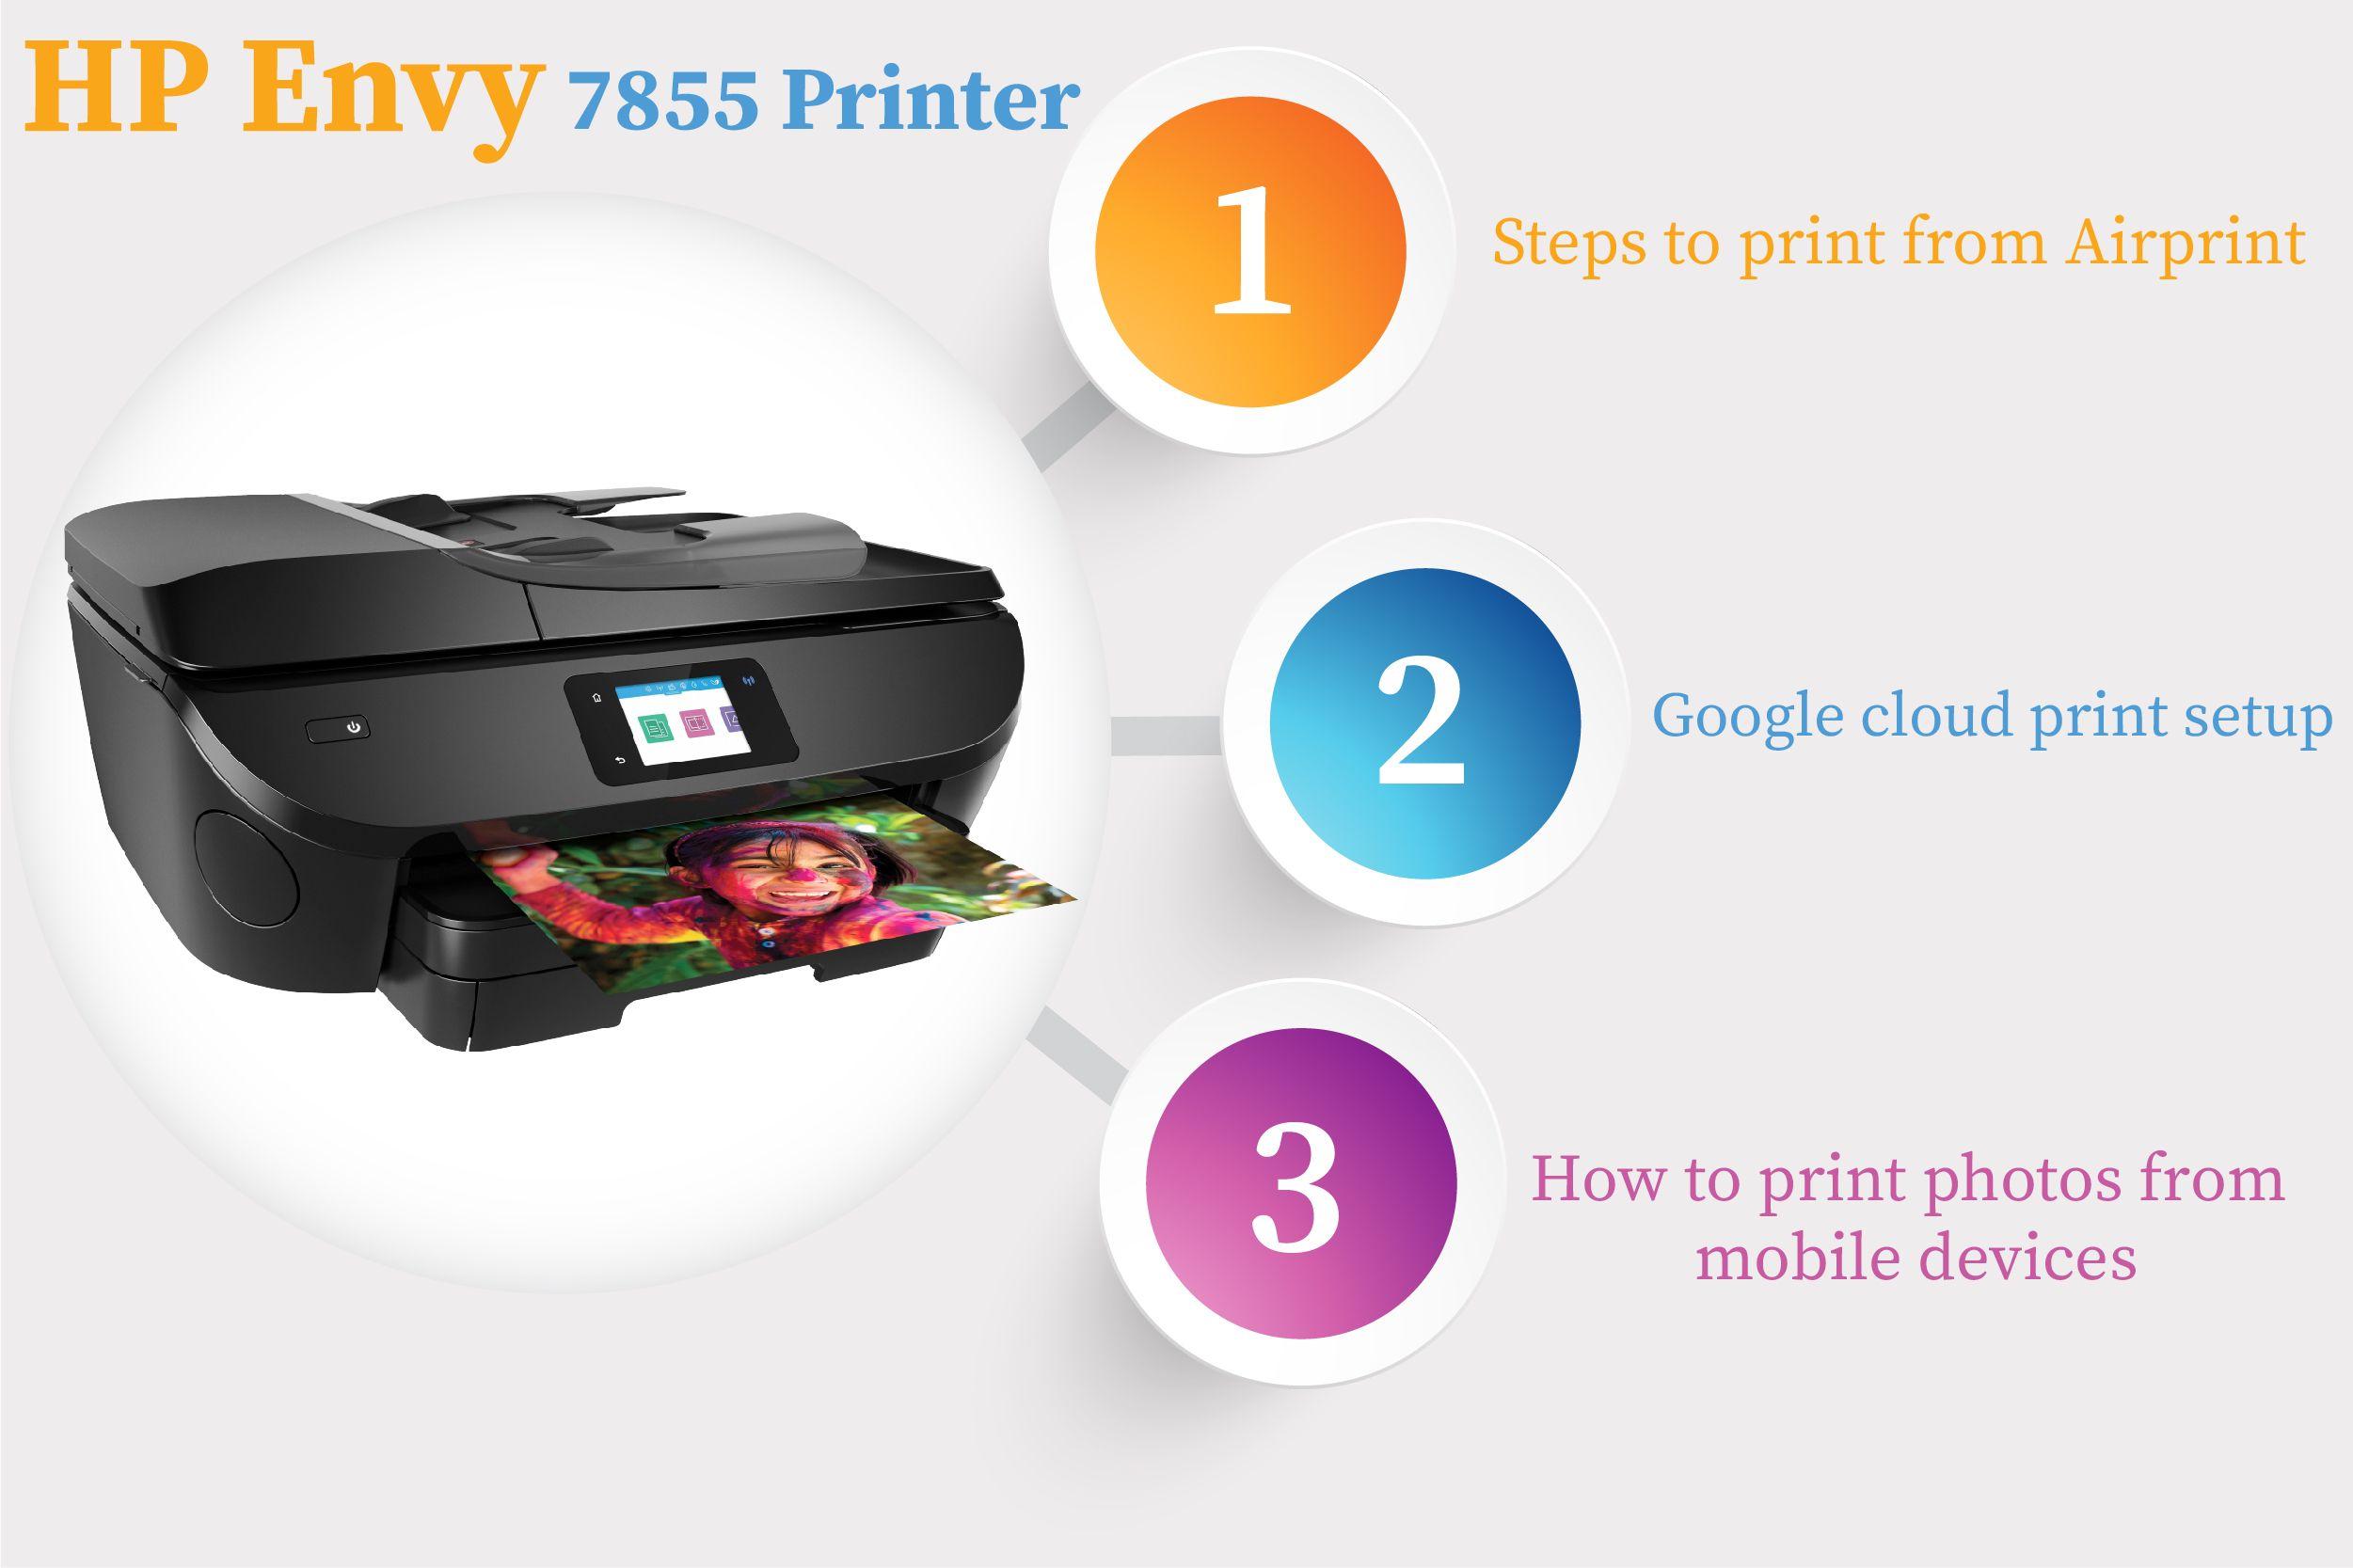 123.hp.com/envy7855 (With images) | Printer, Envy, Setup HP Envy 7855 Setup